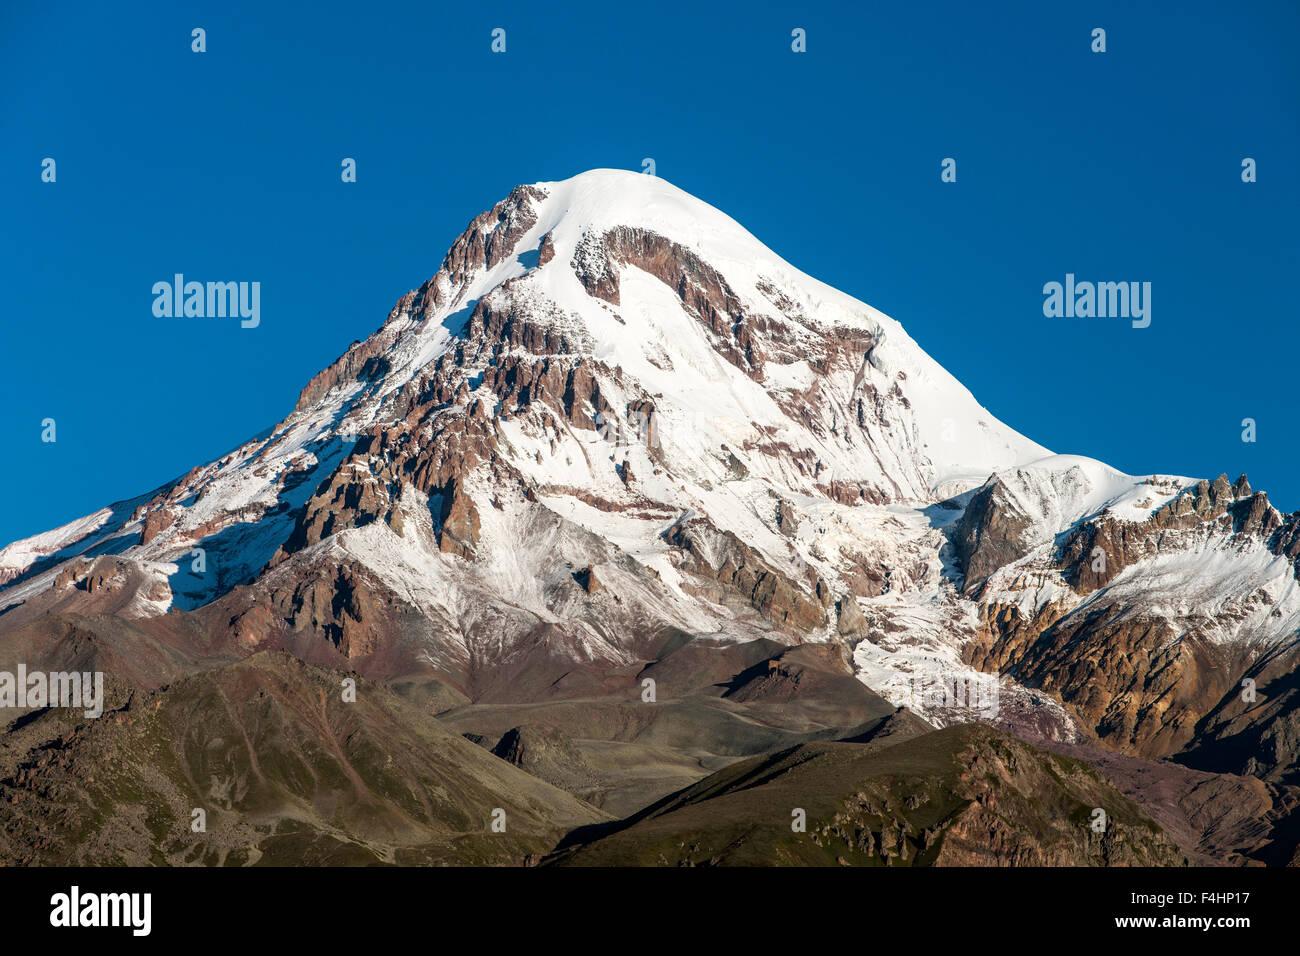 Mount Kazbek (5047m) in the Caucasus Mountains of northern Georgia. Stock Photo